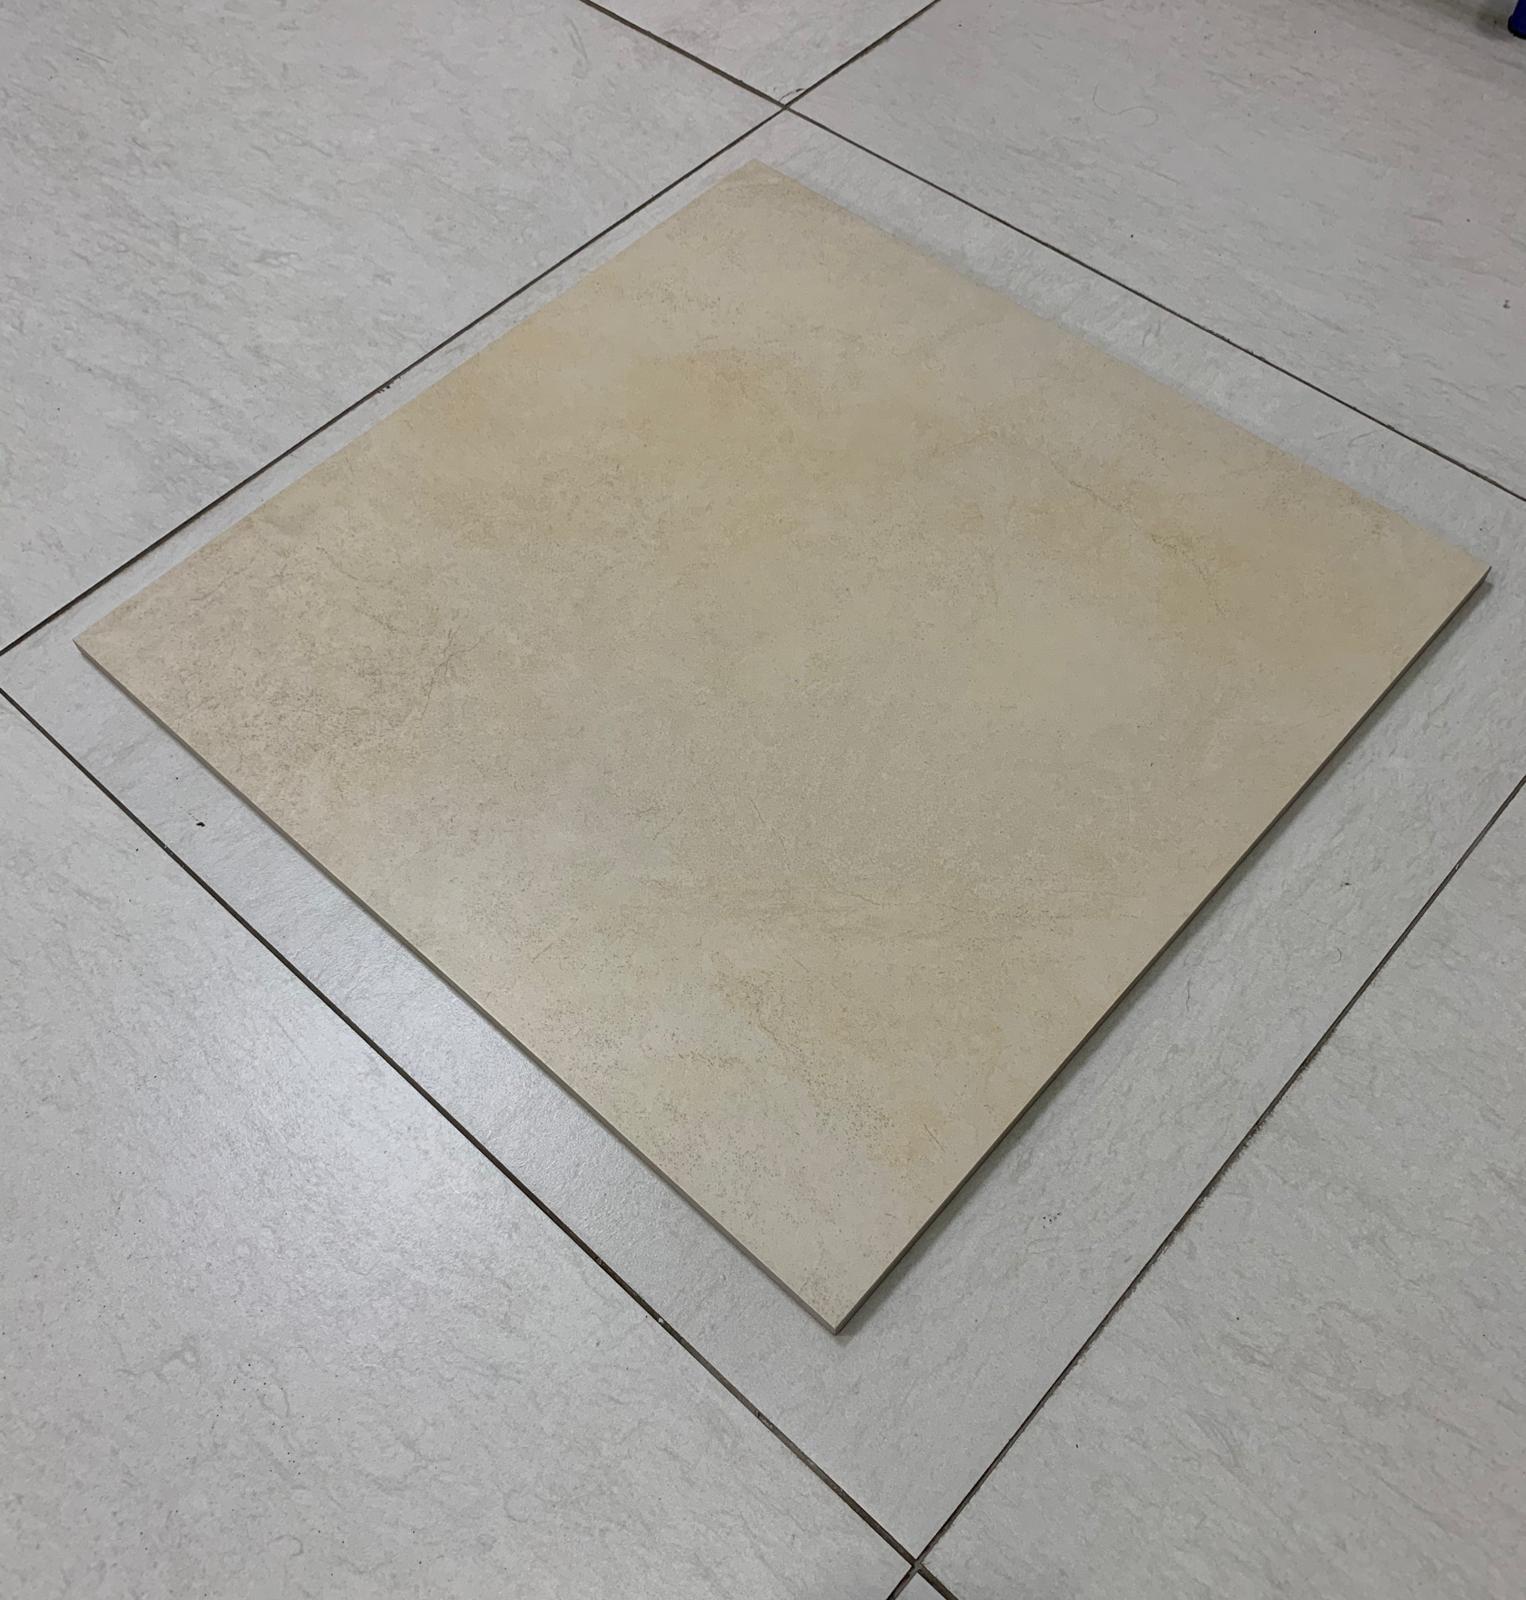 Piastrella Pavimento Gres Porcellanato Effetto Cemento 50x50 ...